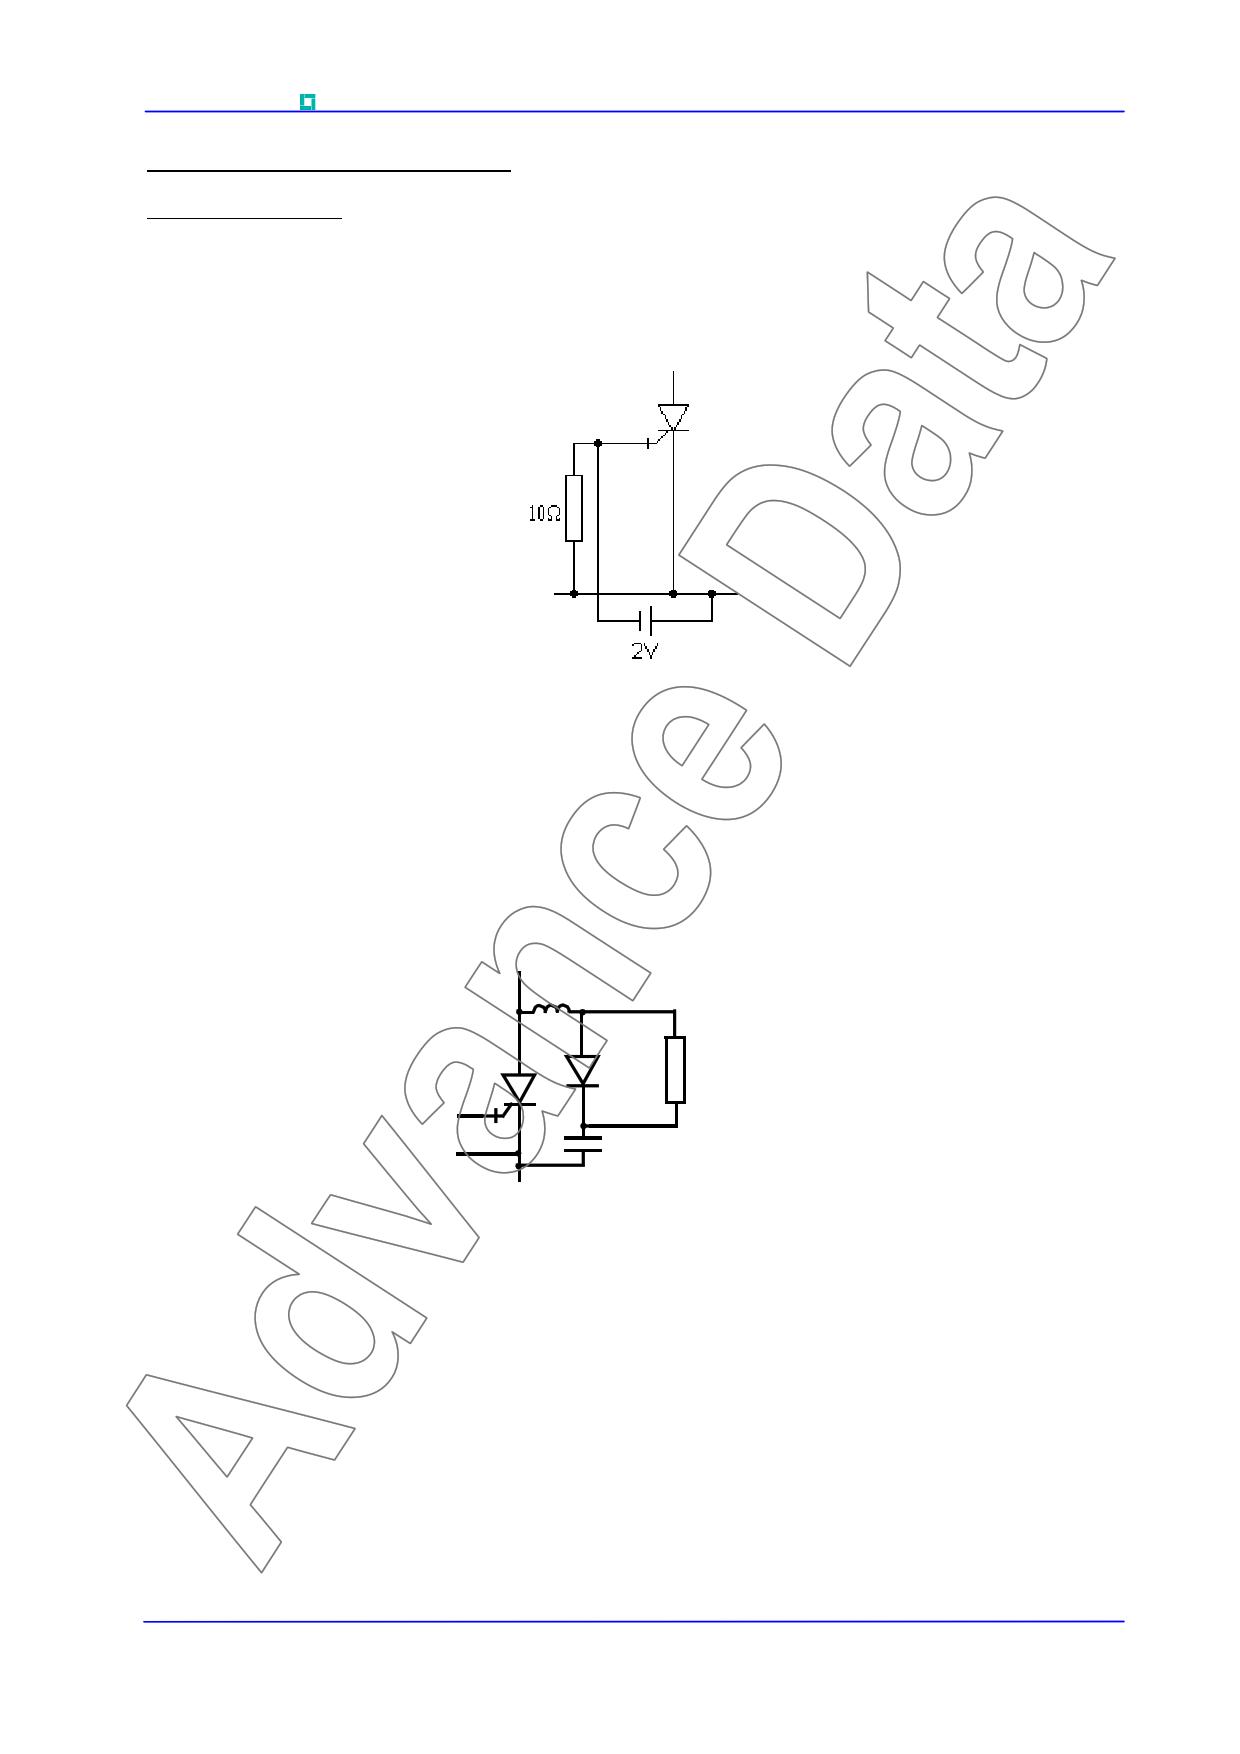 G1000QC450 pdf, 電子部品, 半導体, ピン配列